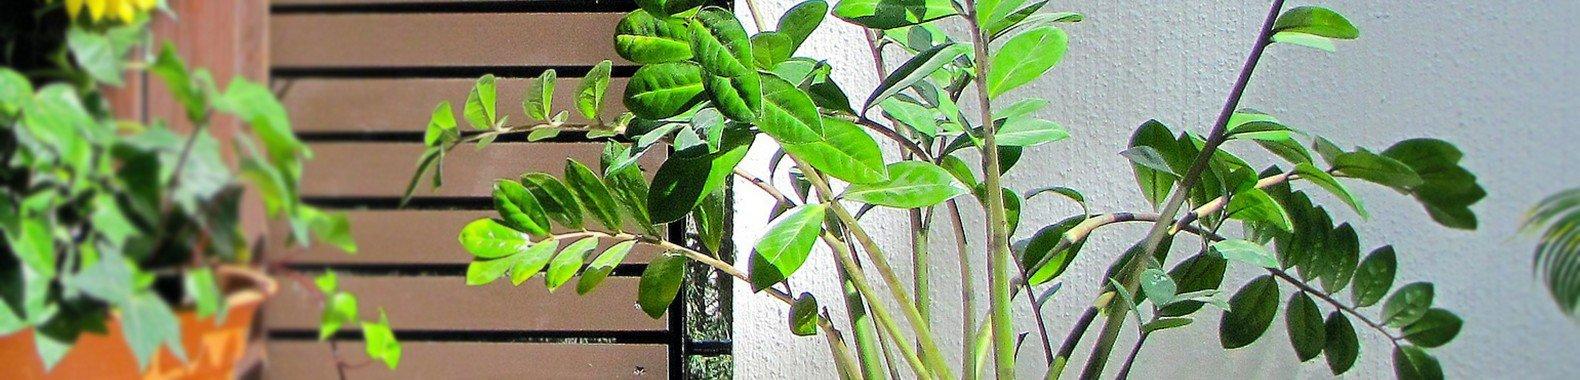 planta para ter em casa zamioculca